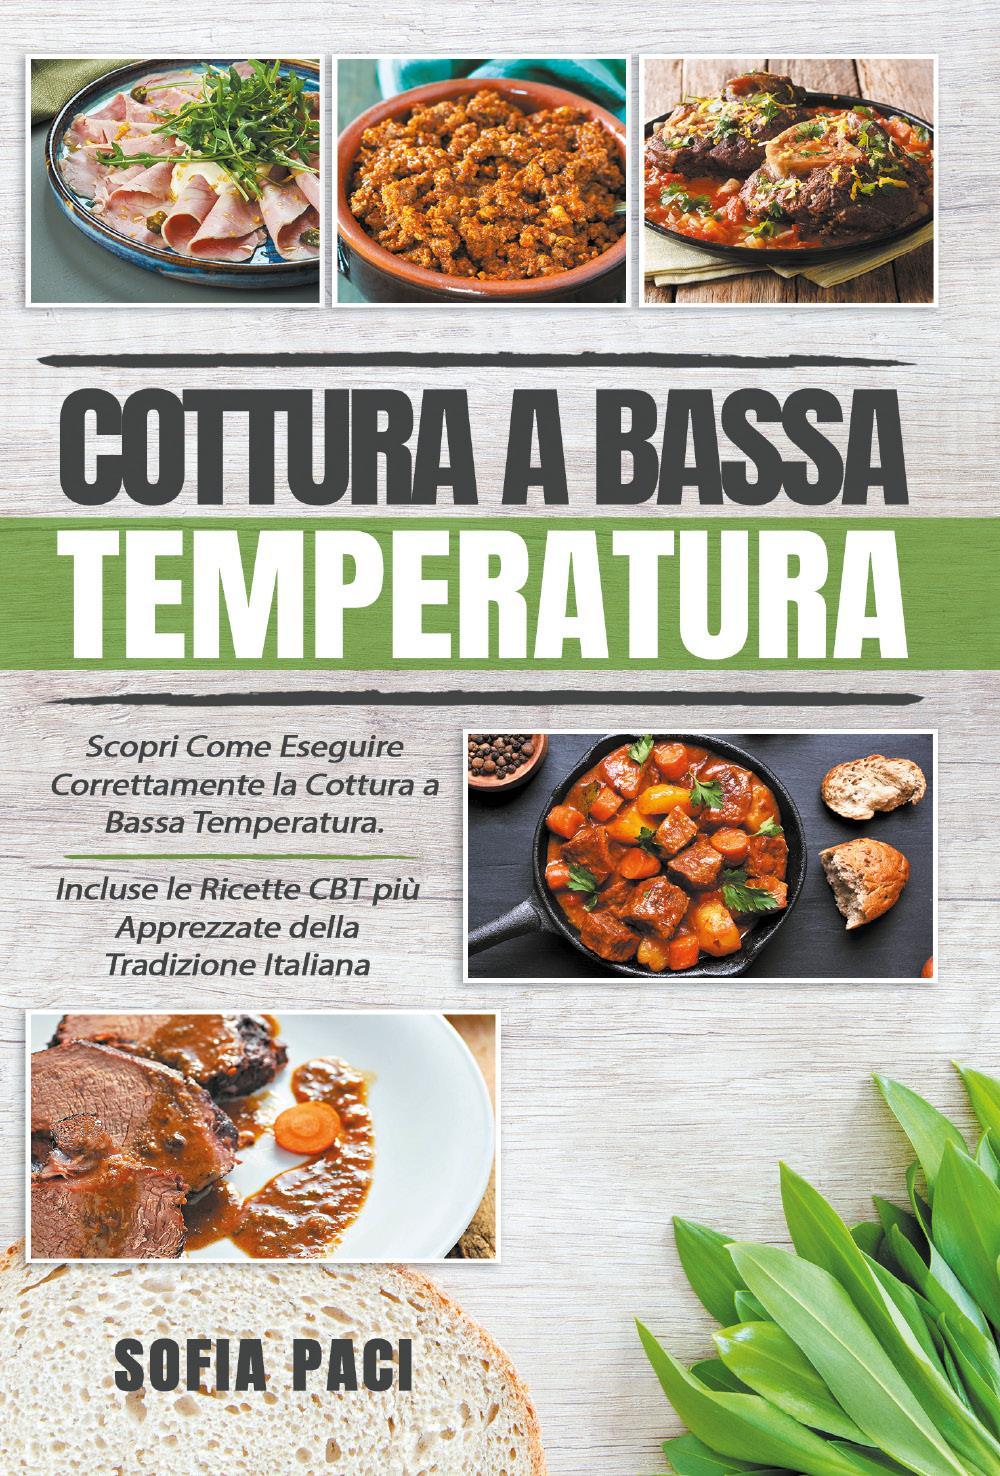 Cottura a Bassa Temperatura: Scopri Come Eseguire Correttamente la Cottura a Bassa Temperatura. Incluse le Ricette CBT più Apprezzate della Tradizione